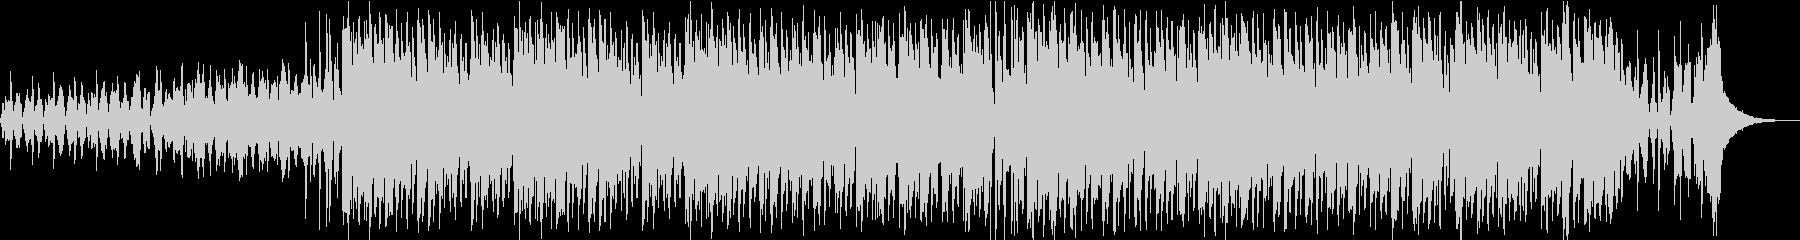 レトロでダンサブルなBGMの未再生の波形